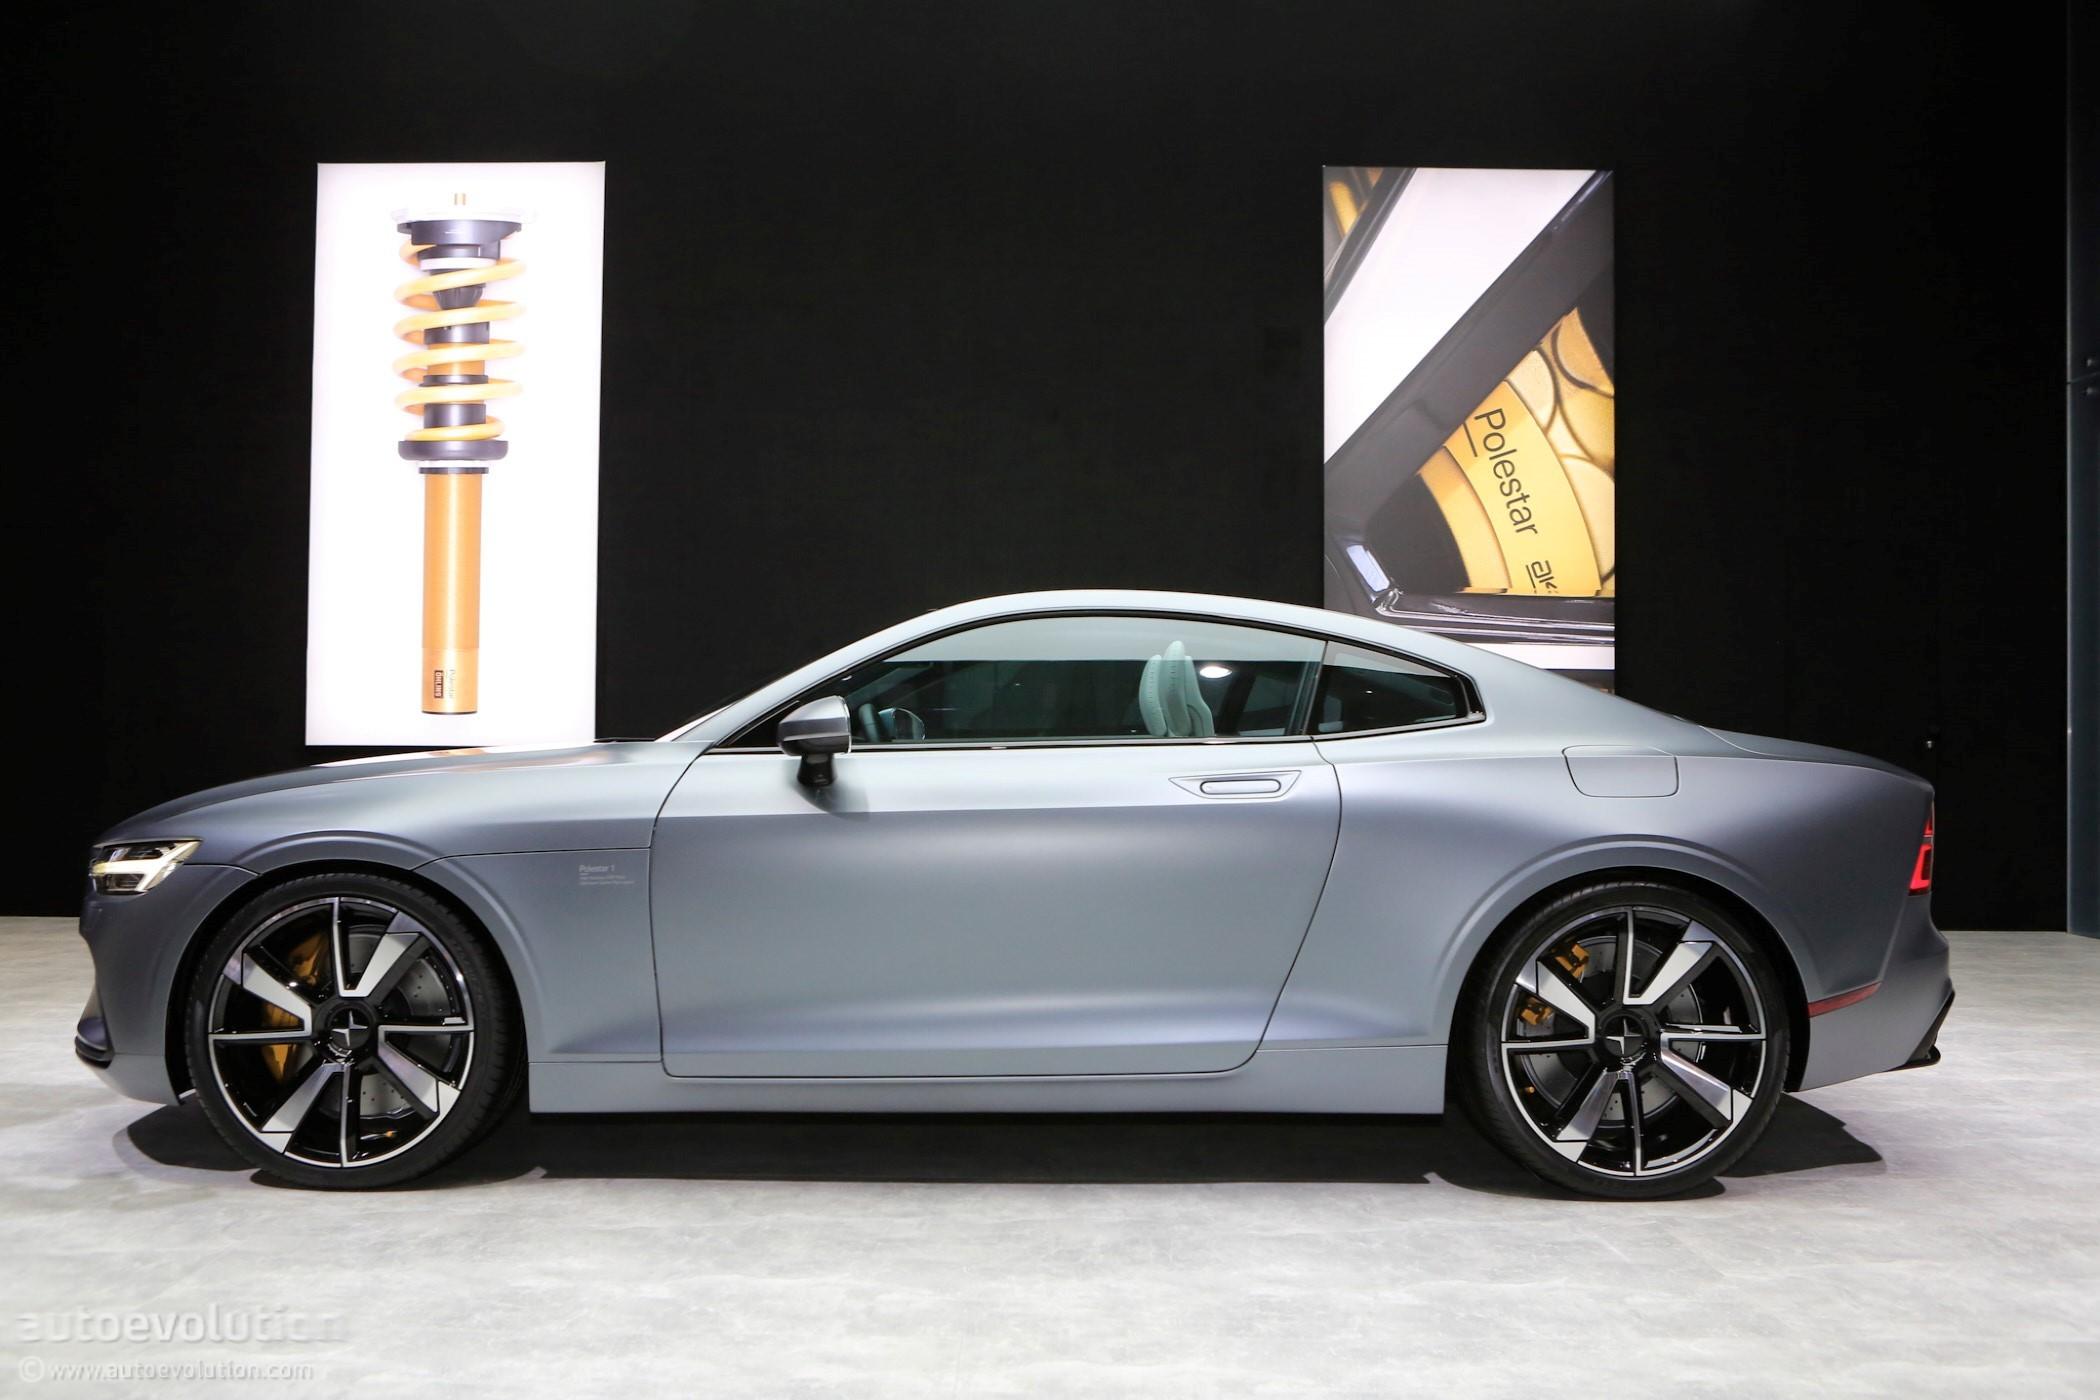 沃尔沃电动汽车品牌Polestar任命美国区总裁